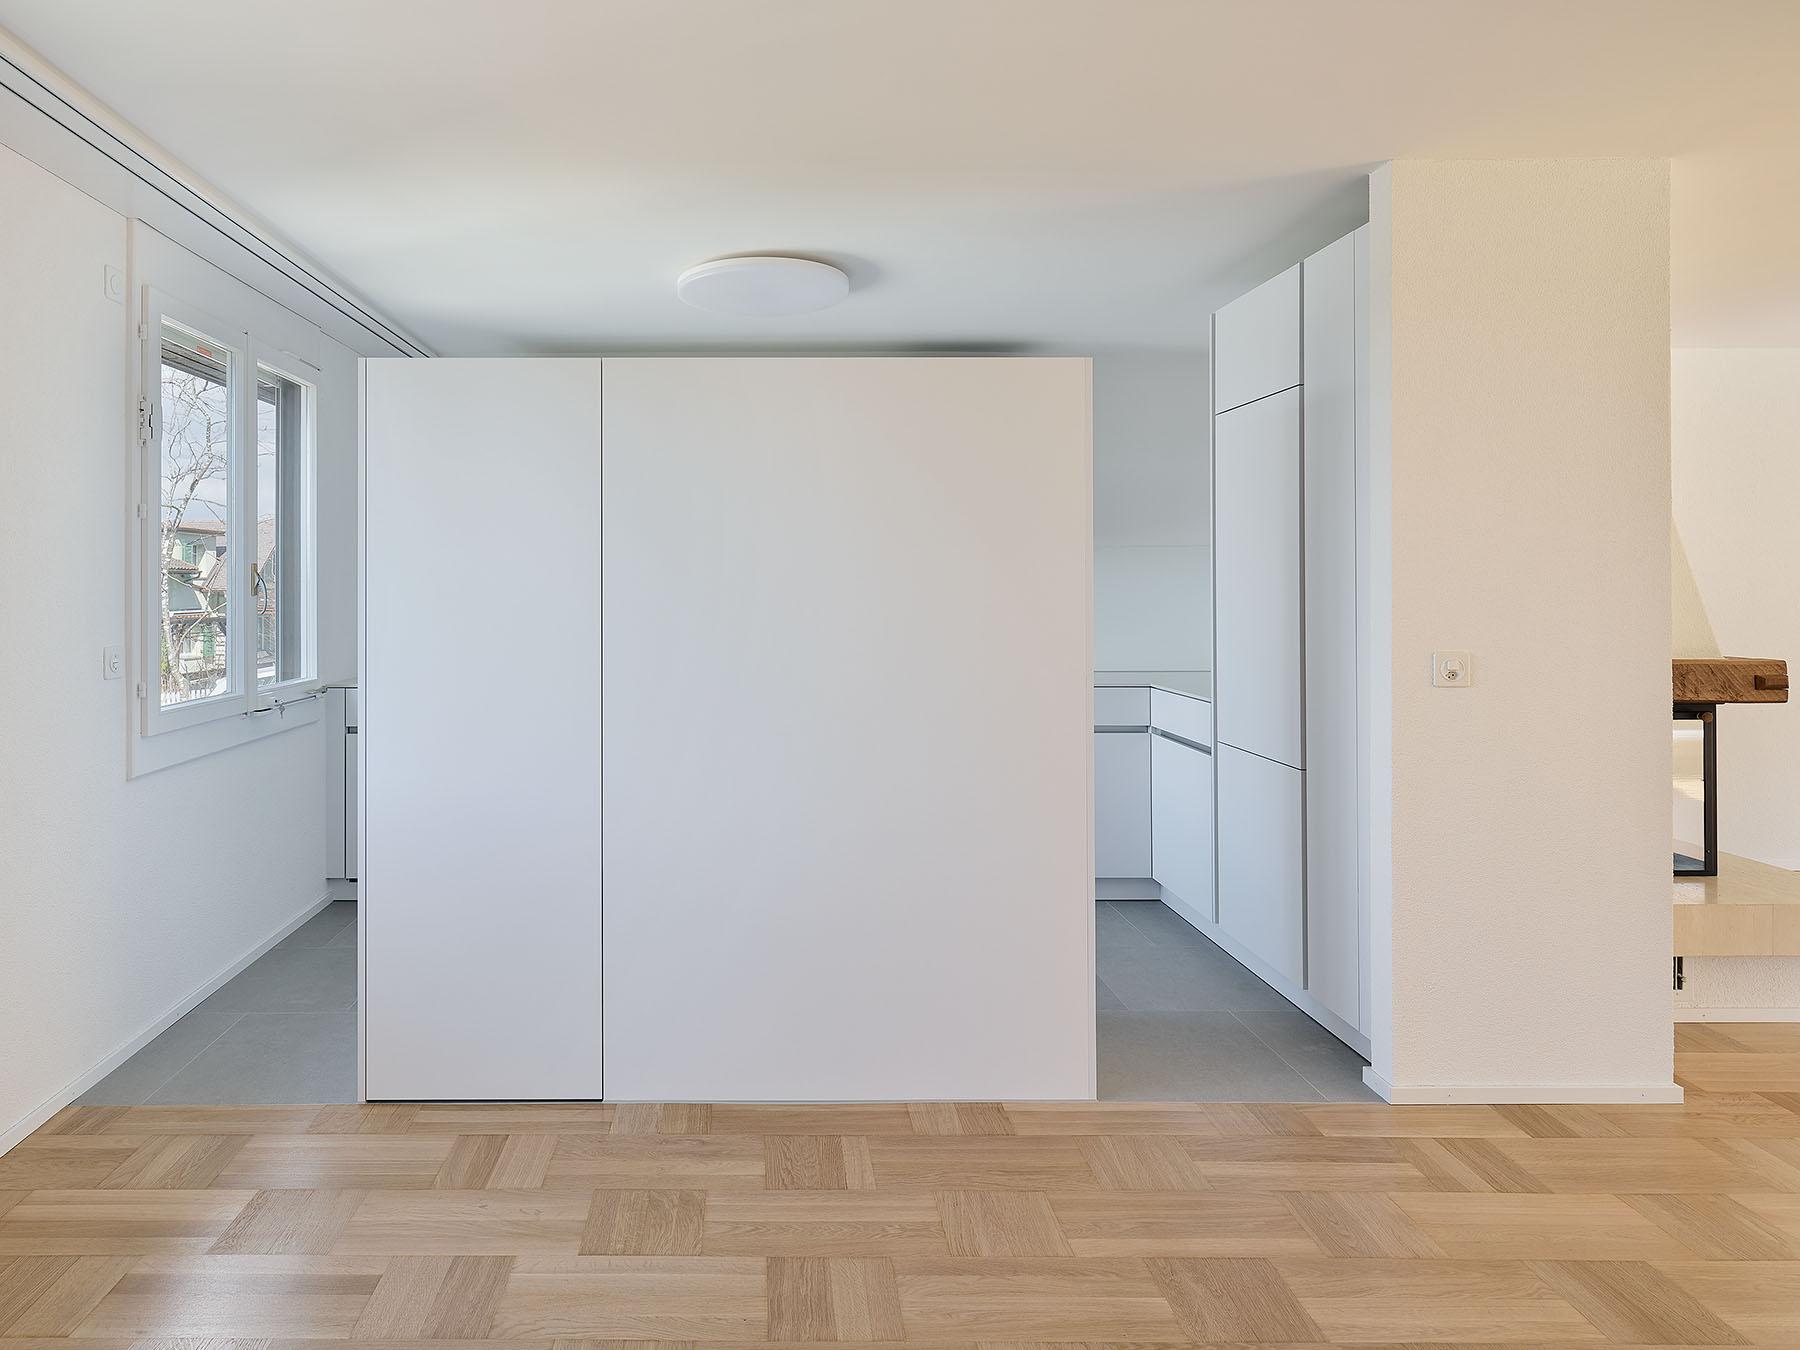 6. Bild zum Projekt 'Umbau Wohnhaus Ahornweg'